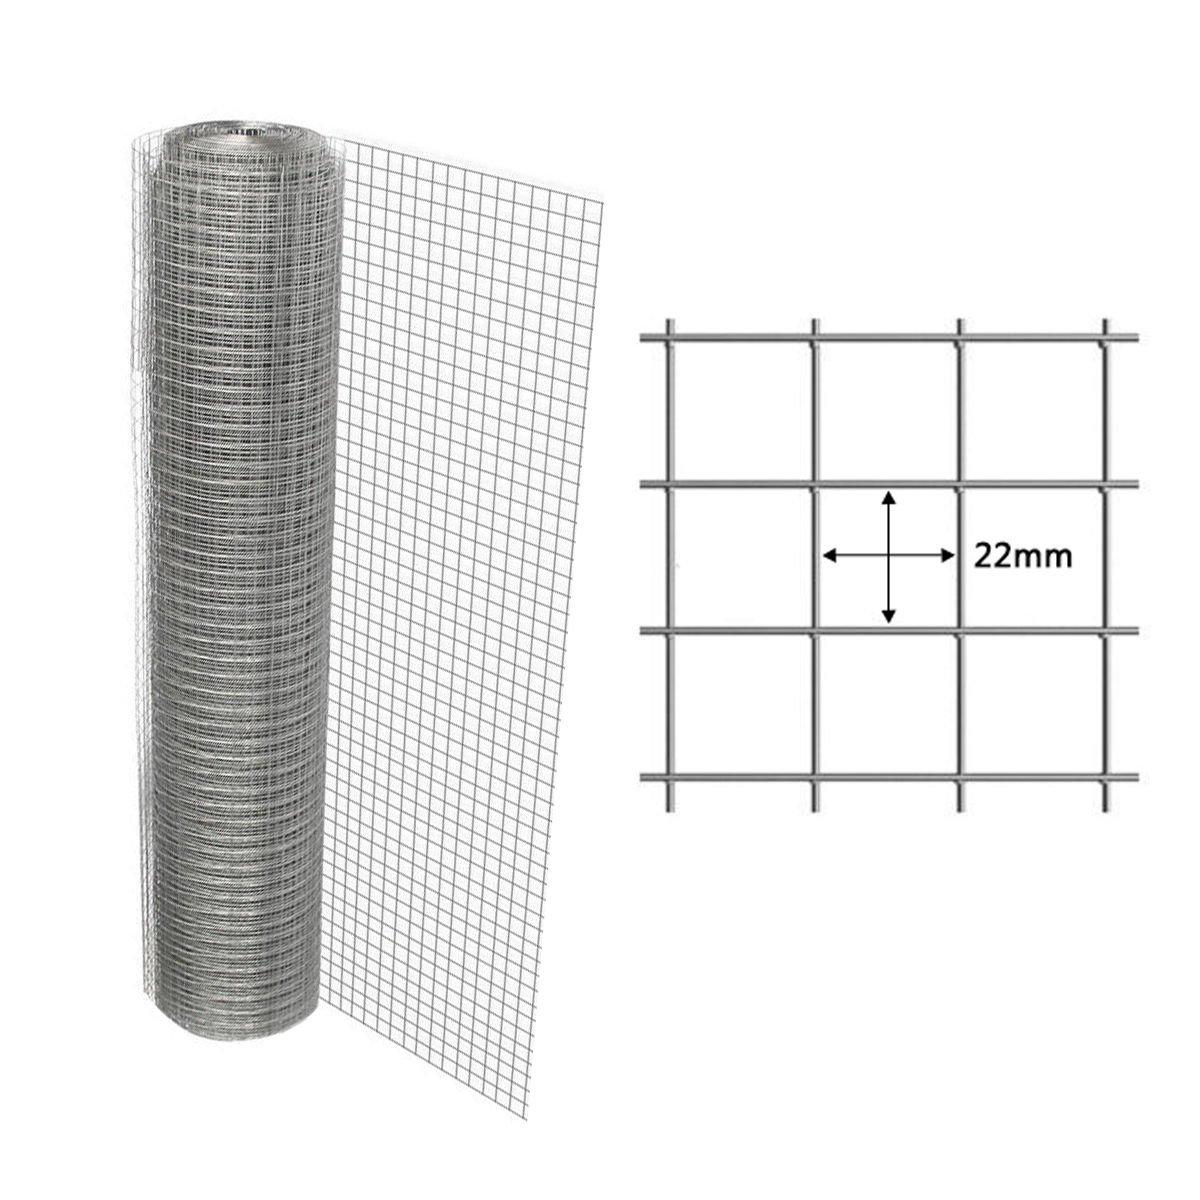 Pre & mium Grillage de treillis soudé fil volière 4d'angle 1X 25m 22x 22mm Grillage Pre&Mium